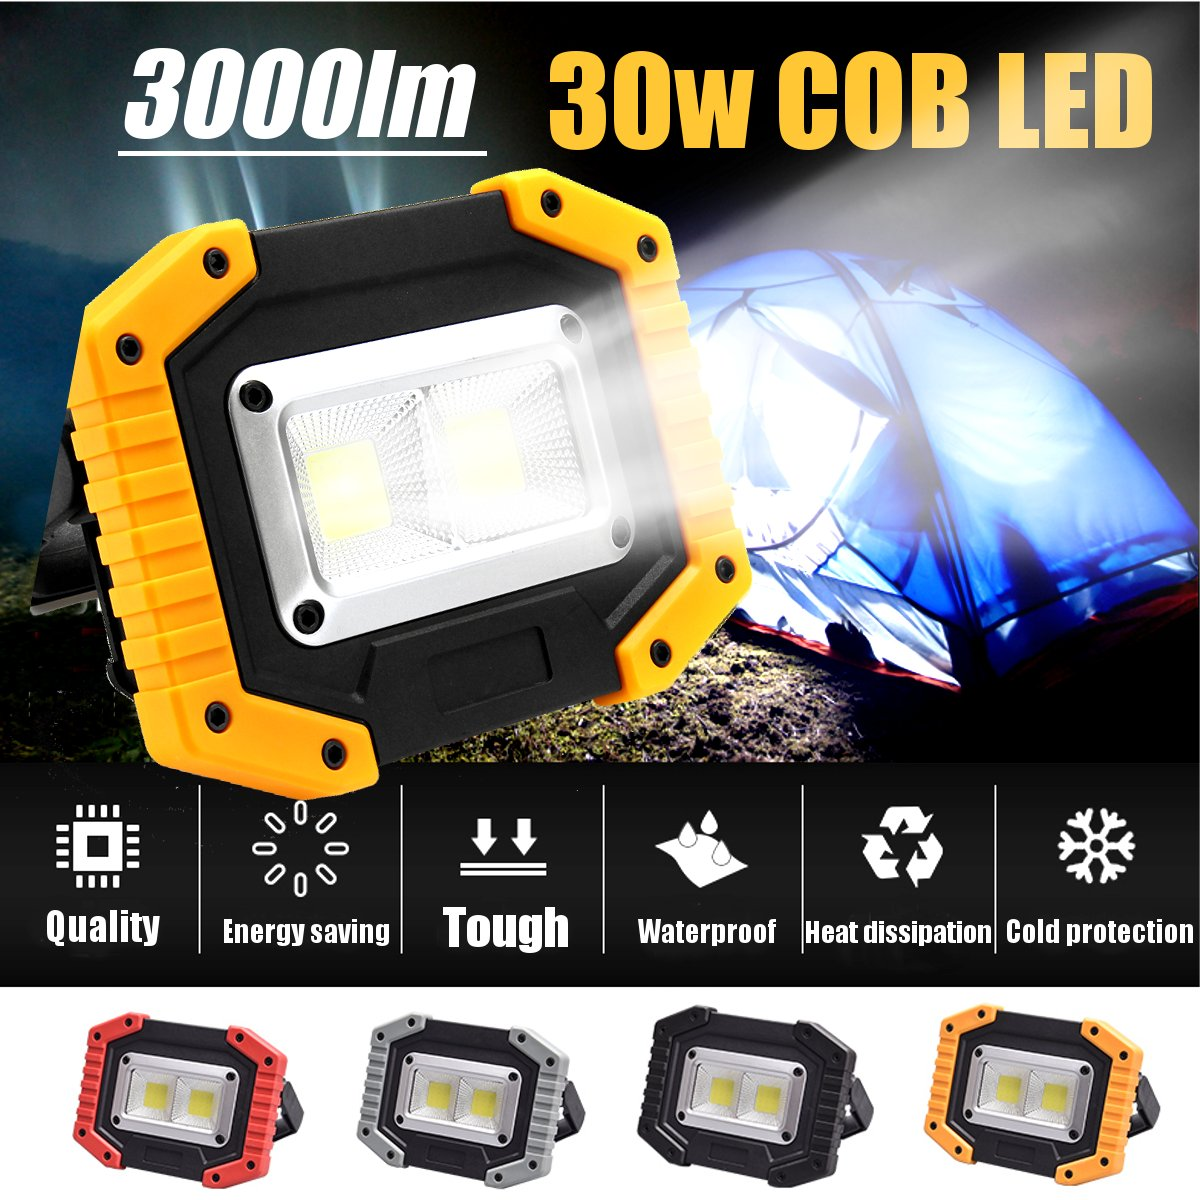 2 COB 30W 3000LM recargable LED luces de inundación portátil impermeable IP65 para Camping al aire libre senderismo reparación de coches de emergencia